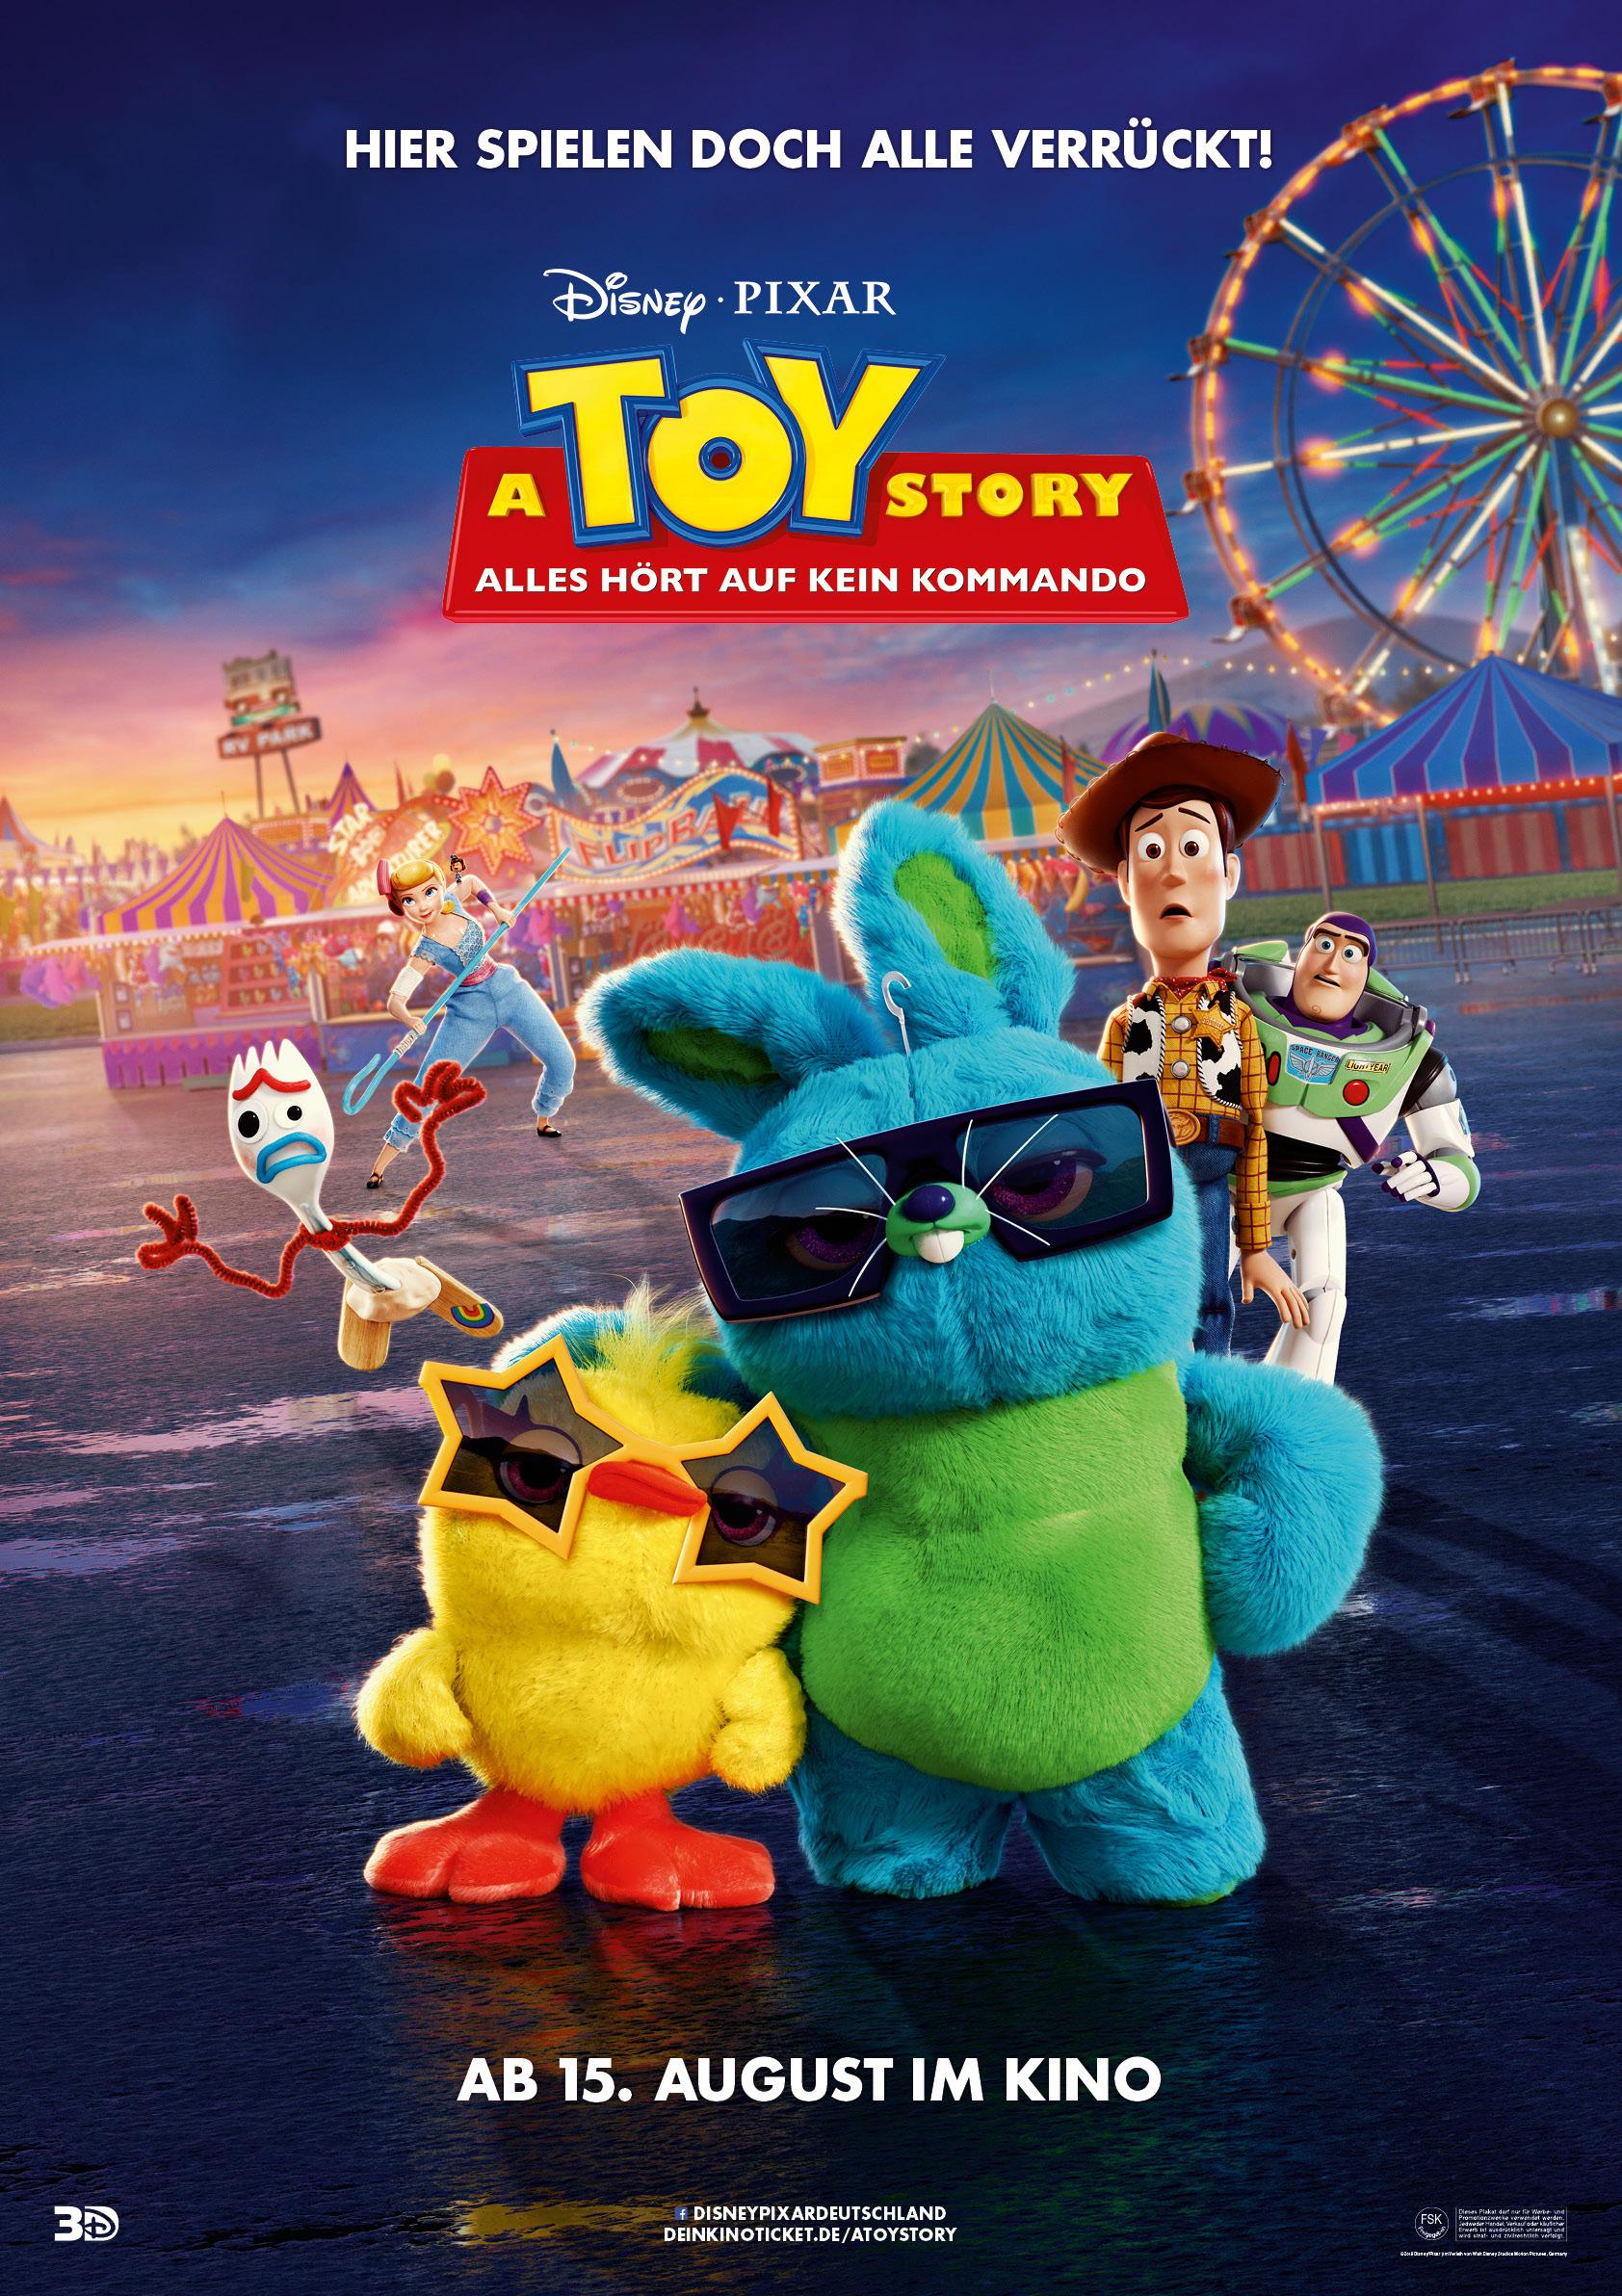 Постер мультфильма История игрушек 4 | История игрушек ...